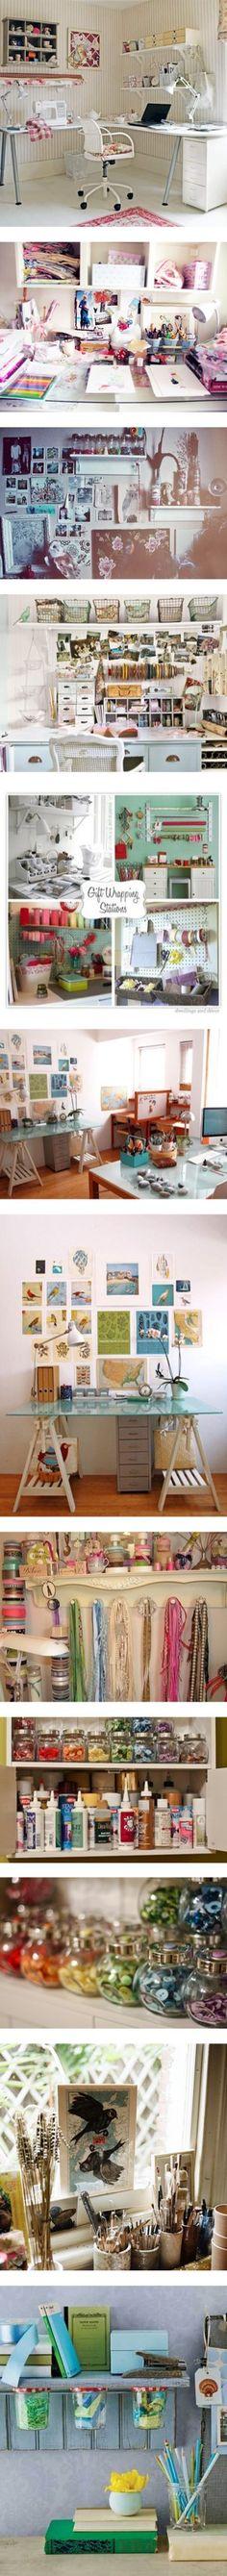 """""""Arts and Craft Room Inspiration"""" by sailorgirl ❤ liked on Polyvore UM SHOW de inspirações!"""